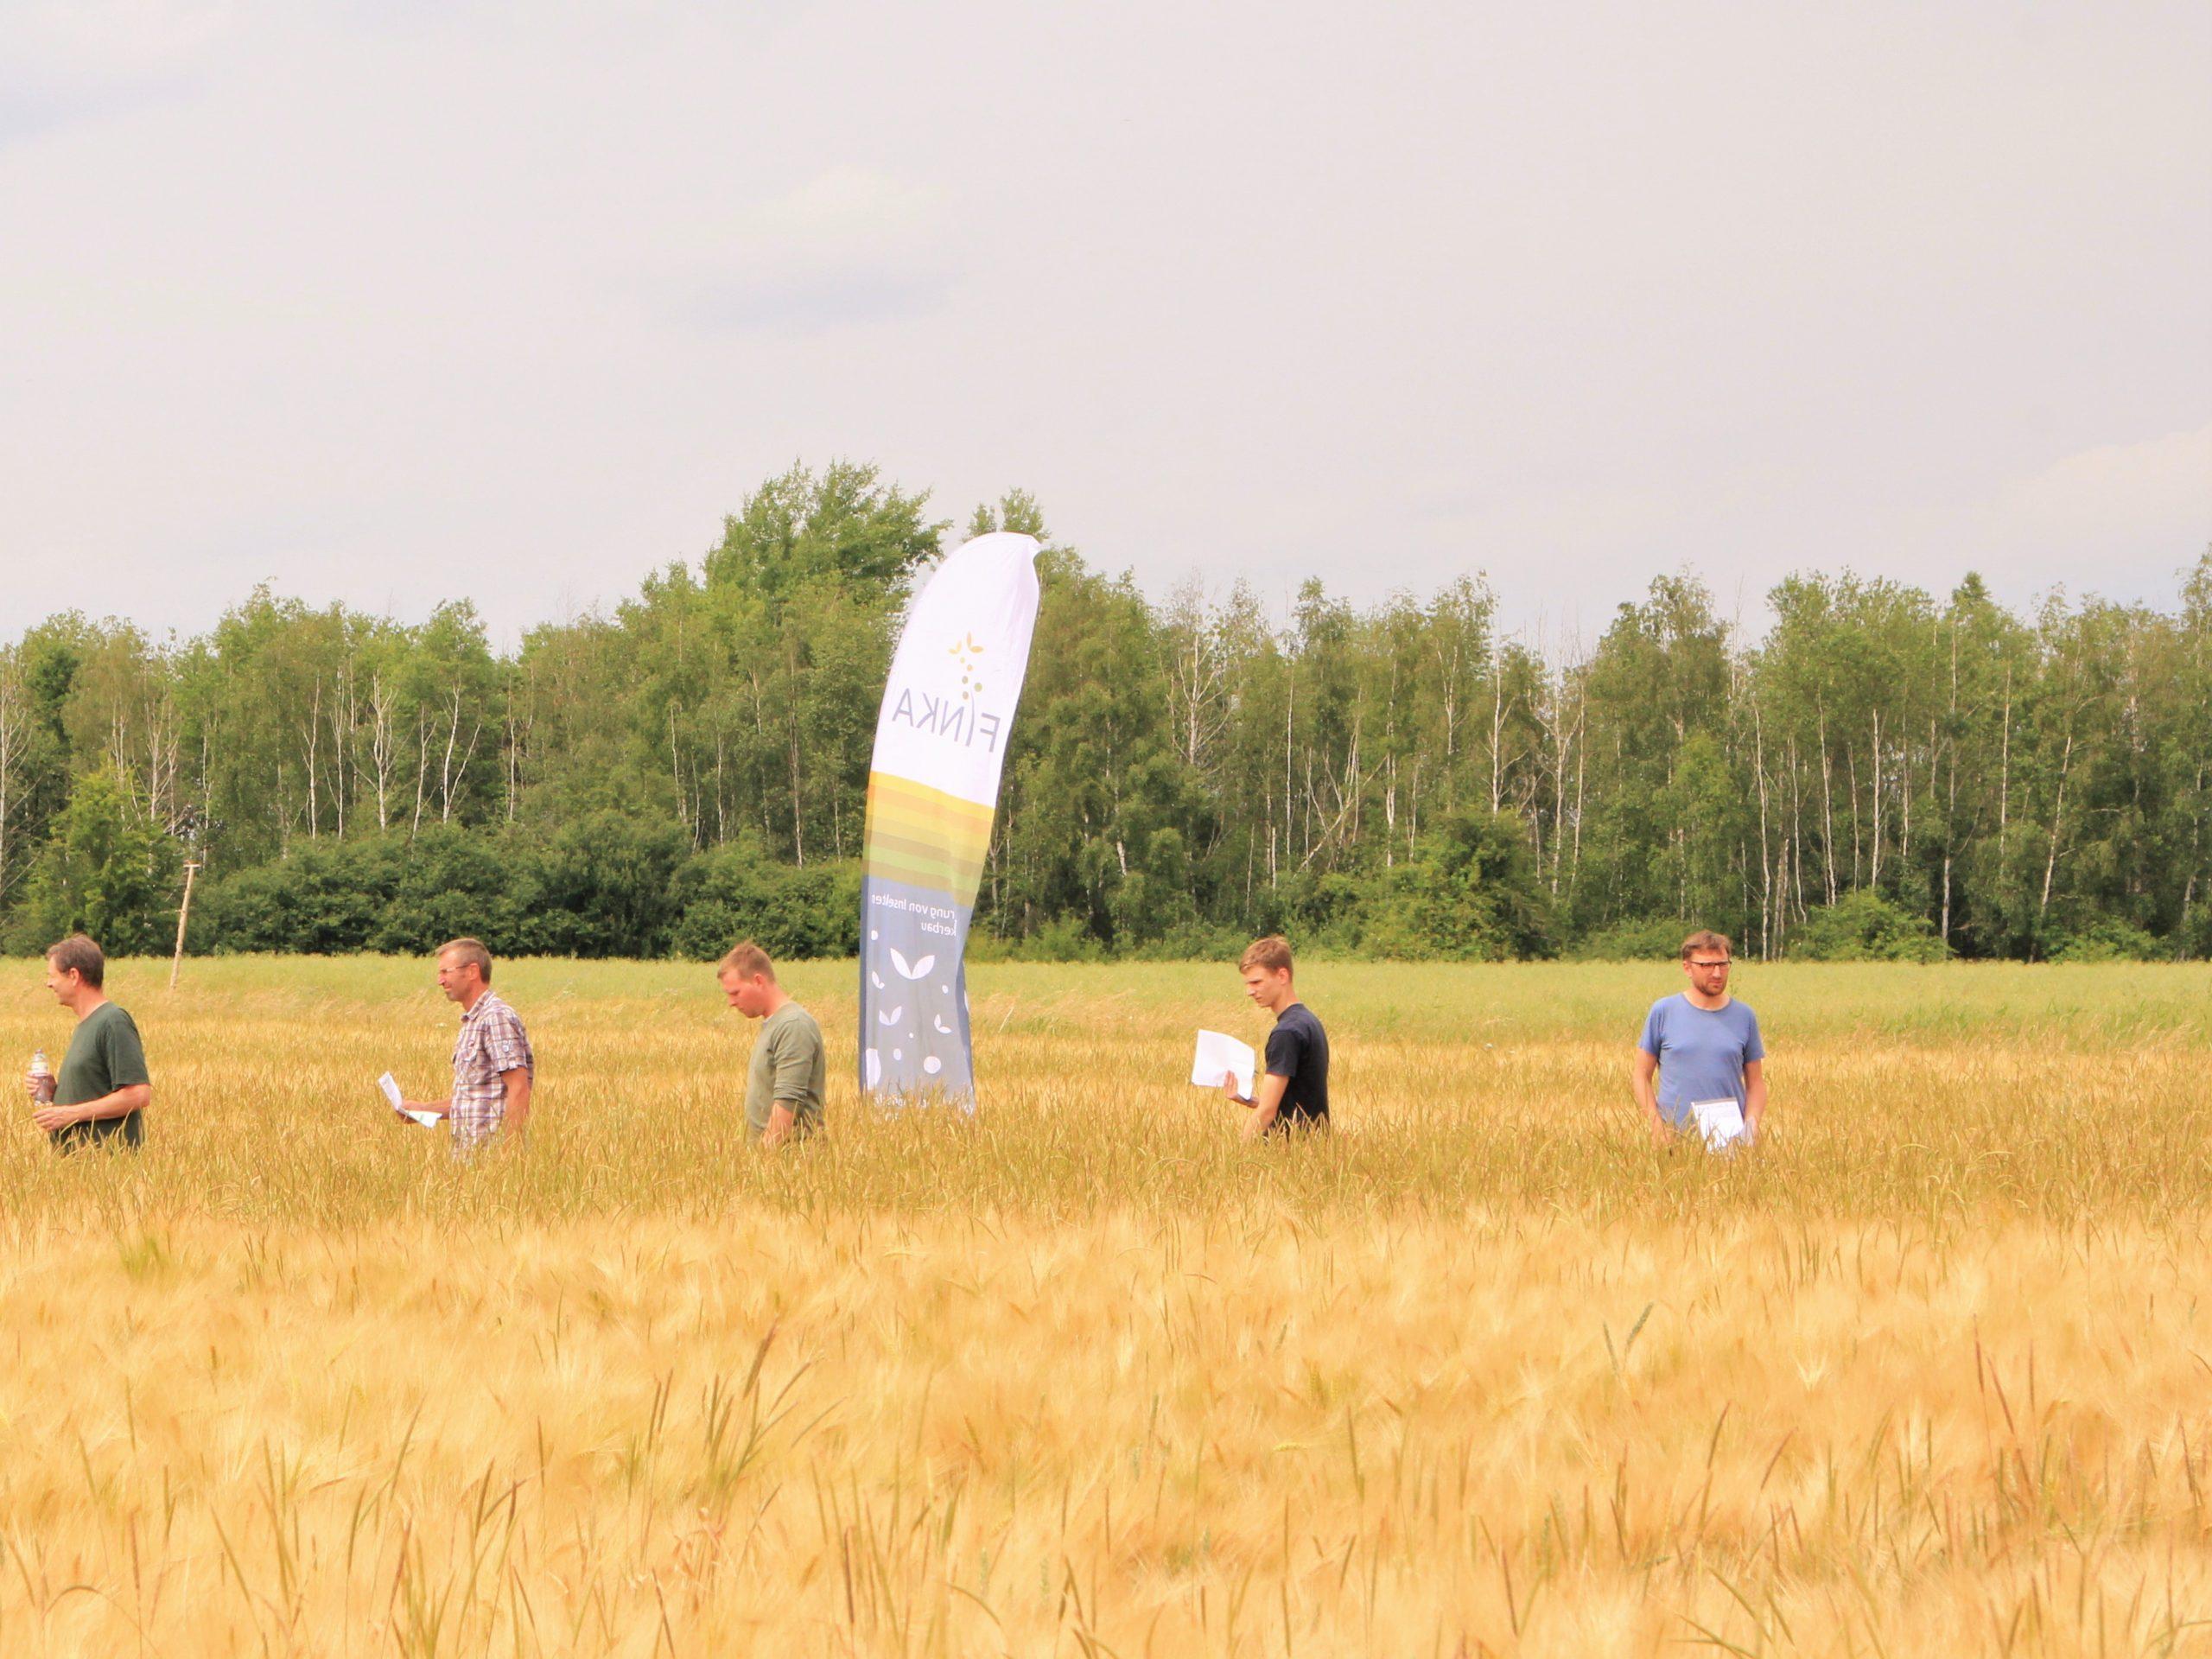 FINKA Feldtag im gerstenfeld von Henning und Ole Harms 24.06.2021 Foto: BVNON